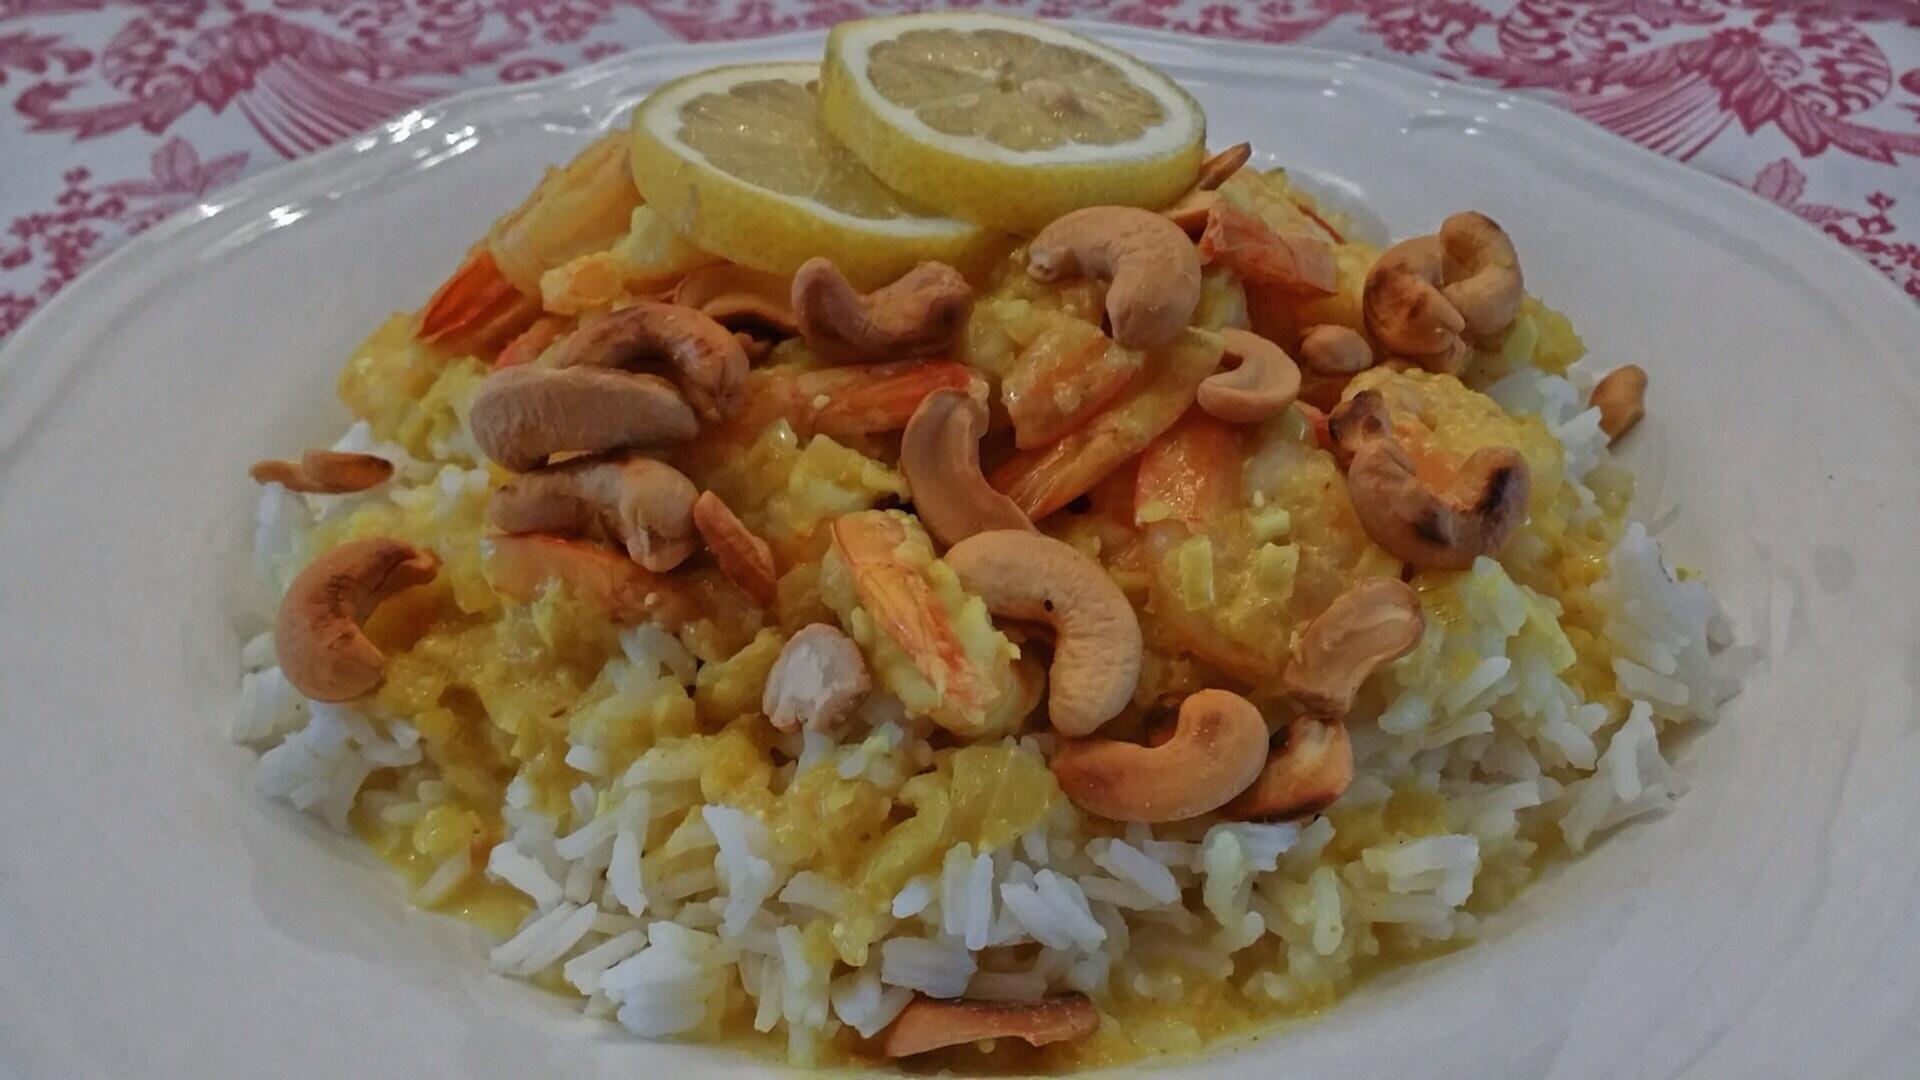 Tanya's 101 ~ Cookbook No. 10 - The Ubiquitous Shrimp